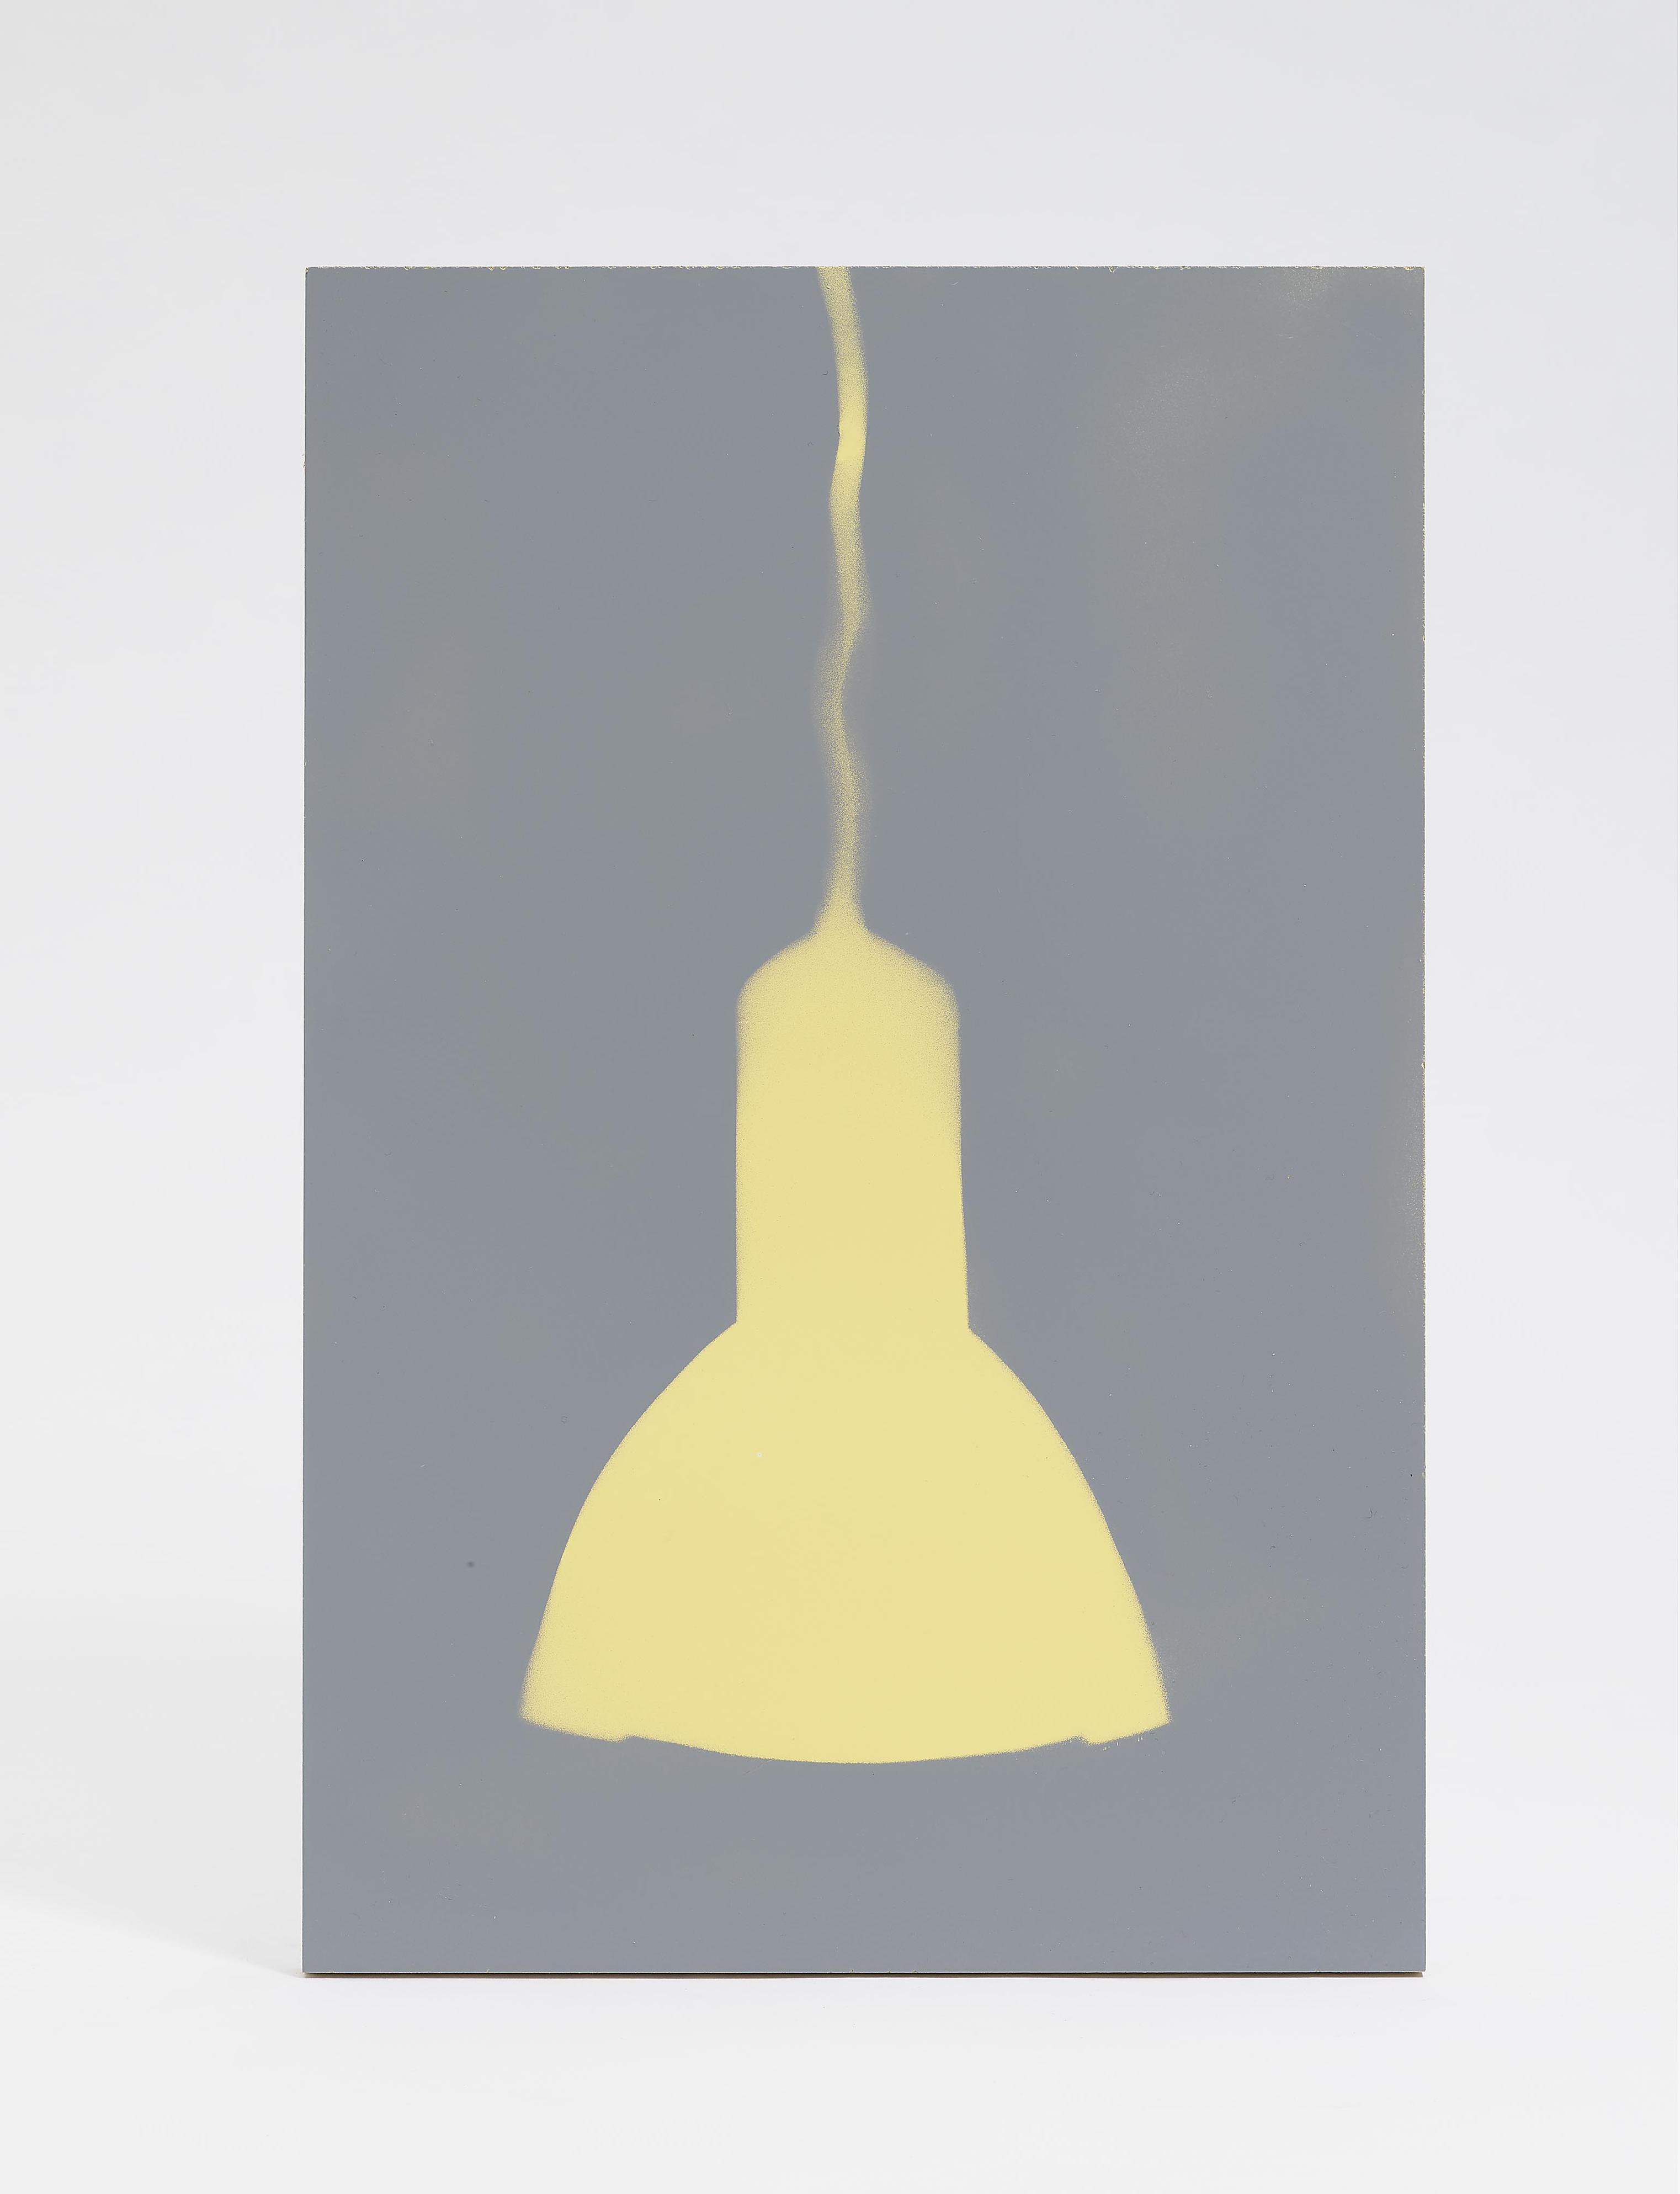 Isa Genzken-Lampe (Lamp)-1992